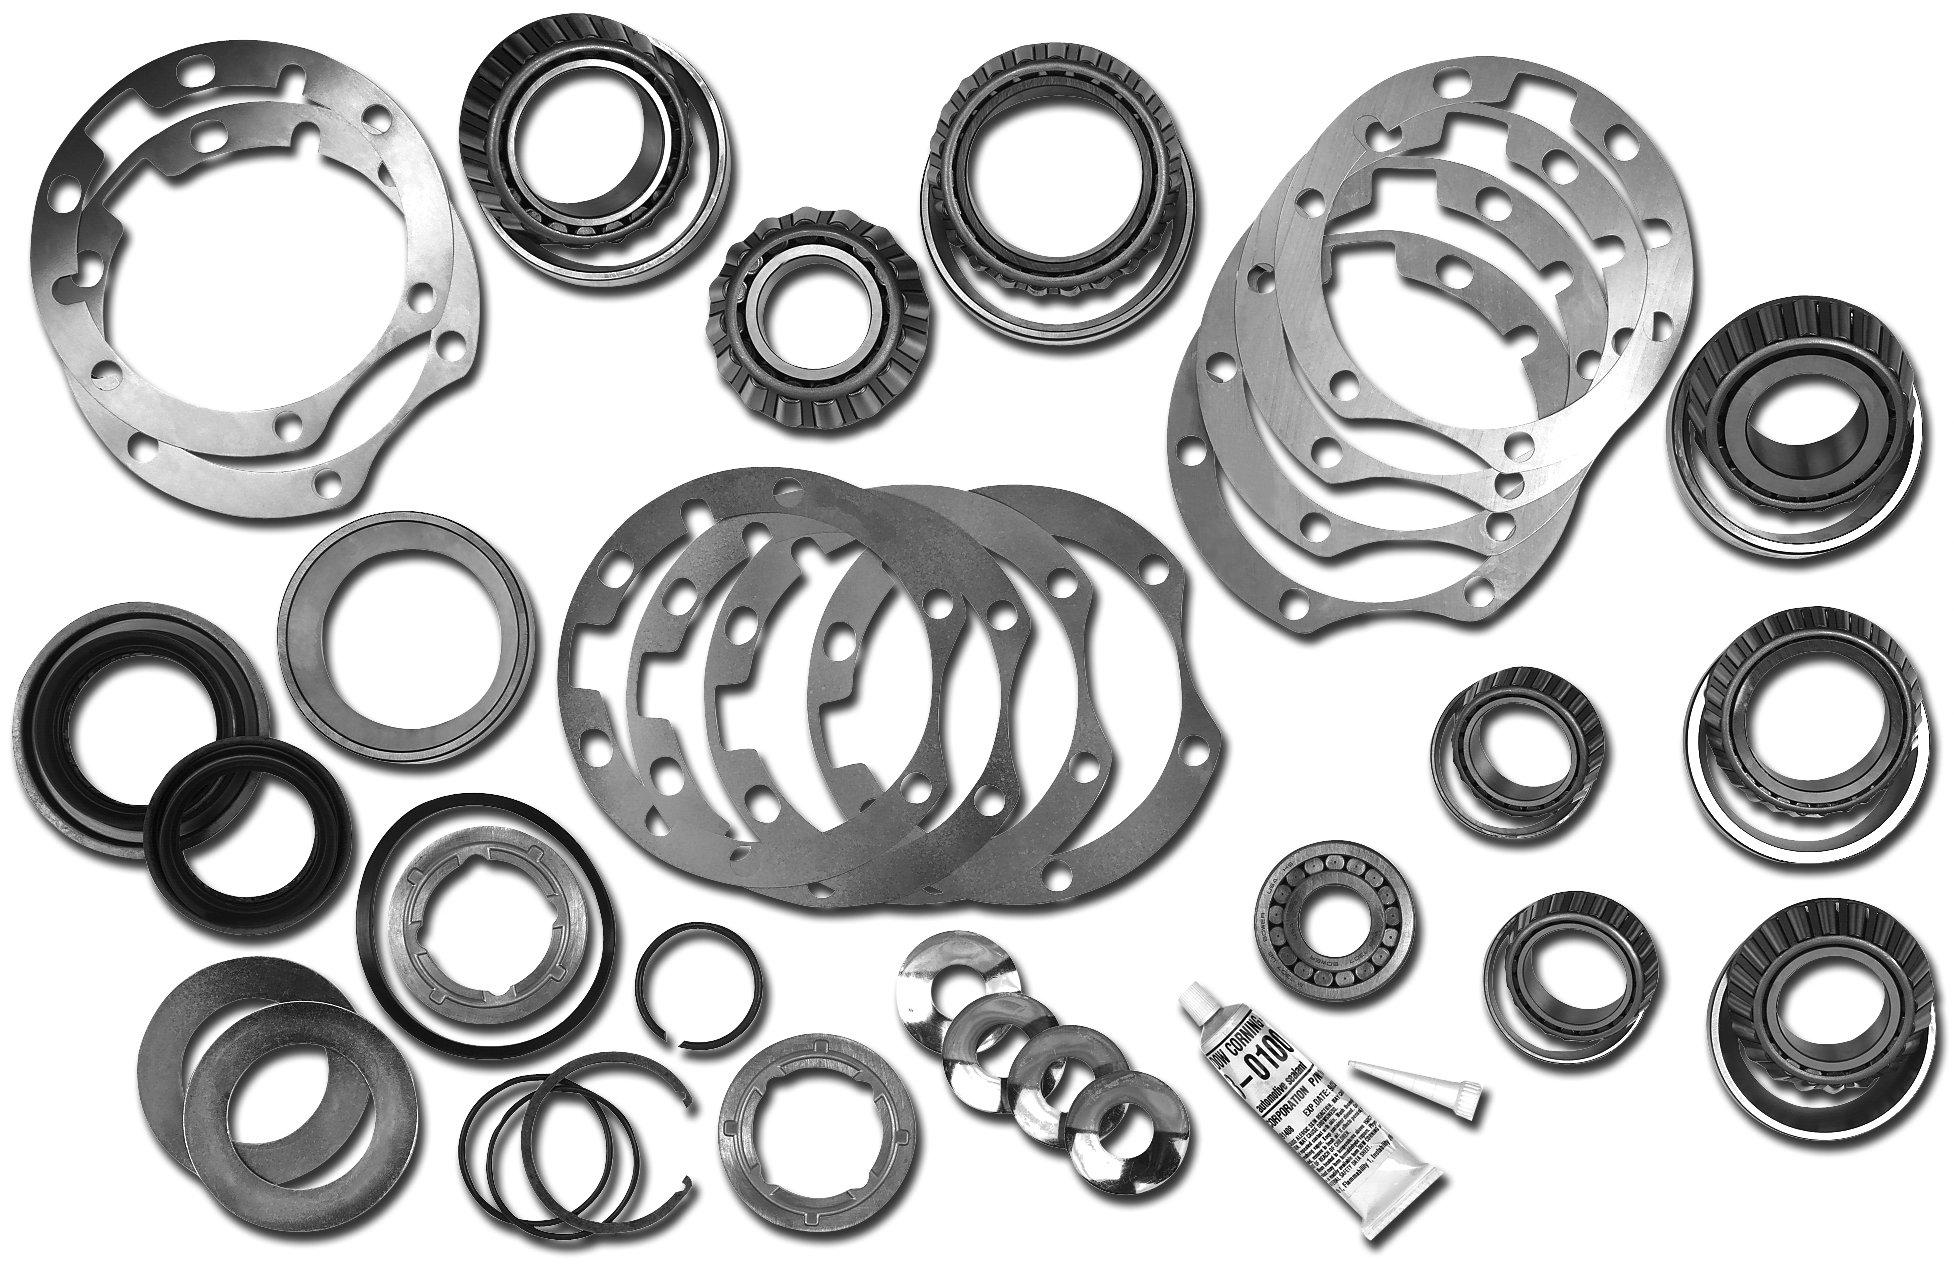 Dana Spicer Master Axle Overhaul Kit For 07 09